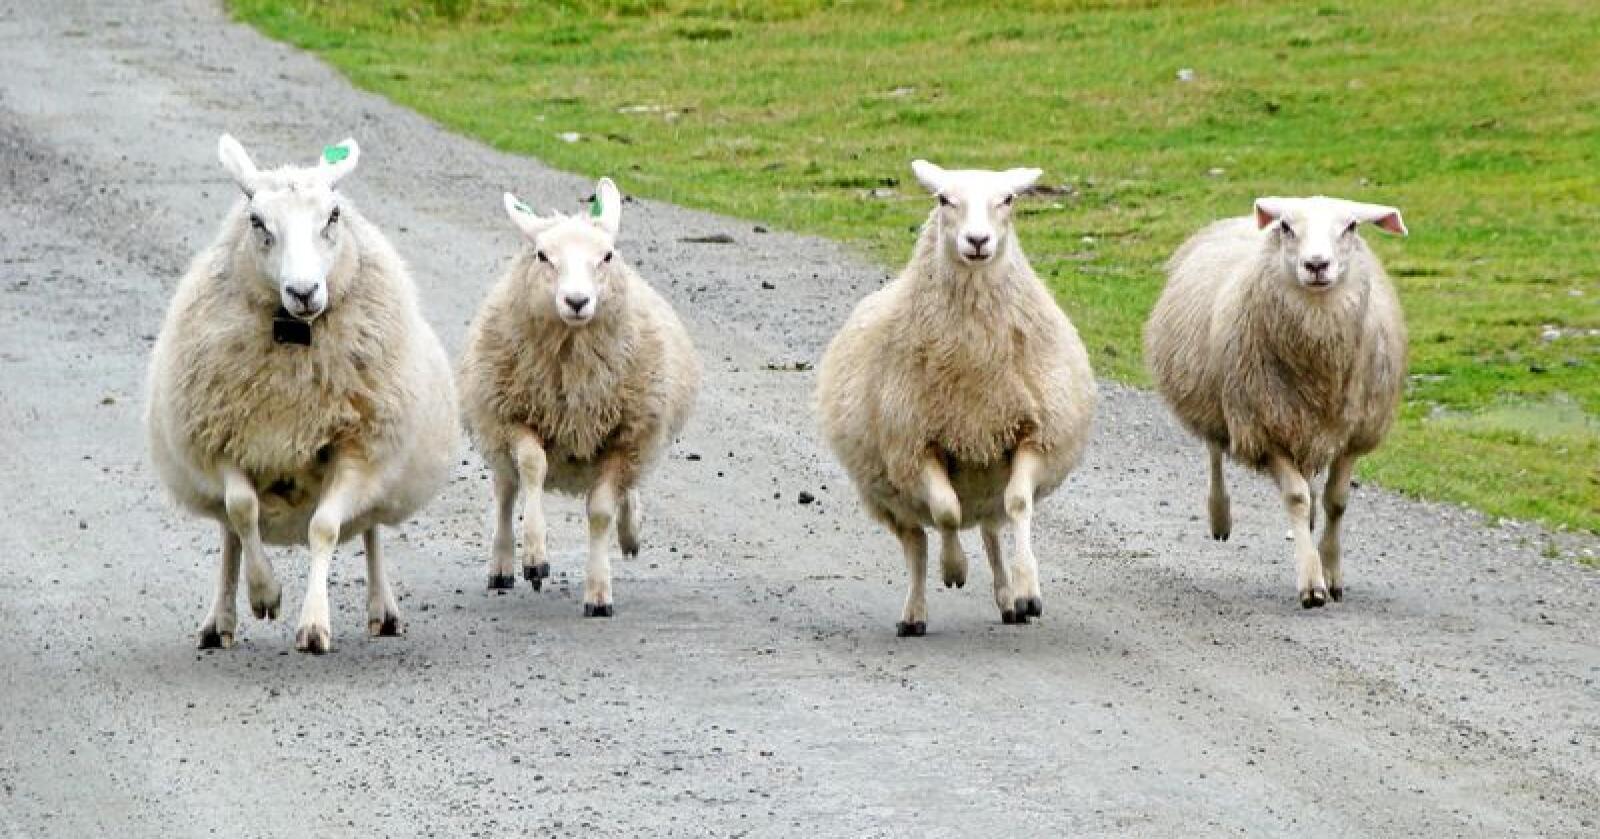 Landbrukspolitikken må legge til rette for at bøndene trygt kan få være med på å sette dyrevelferd på agendaen, skriver Eva Hustoft. Foto: Mikael Wikstrã¶M / Mostphotos